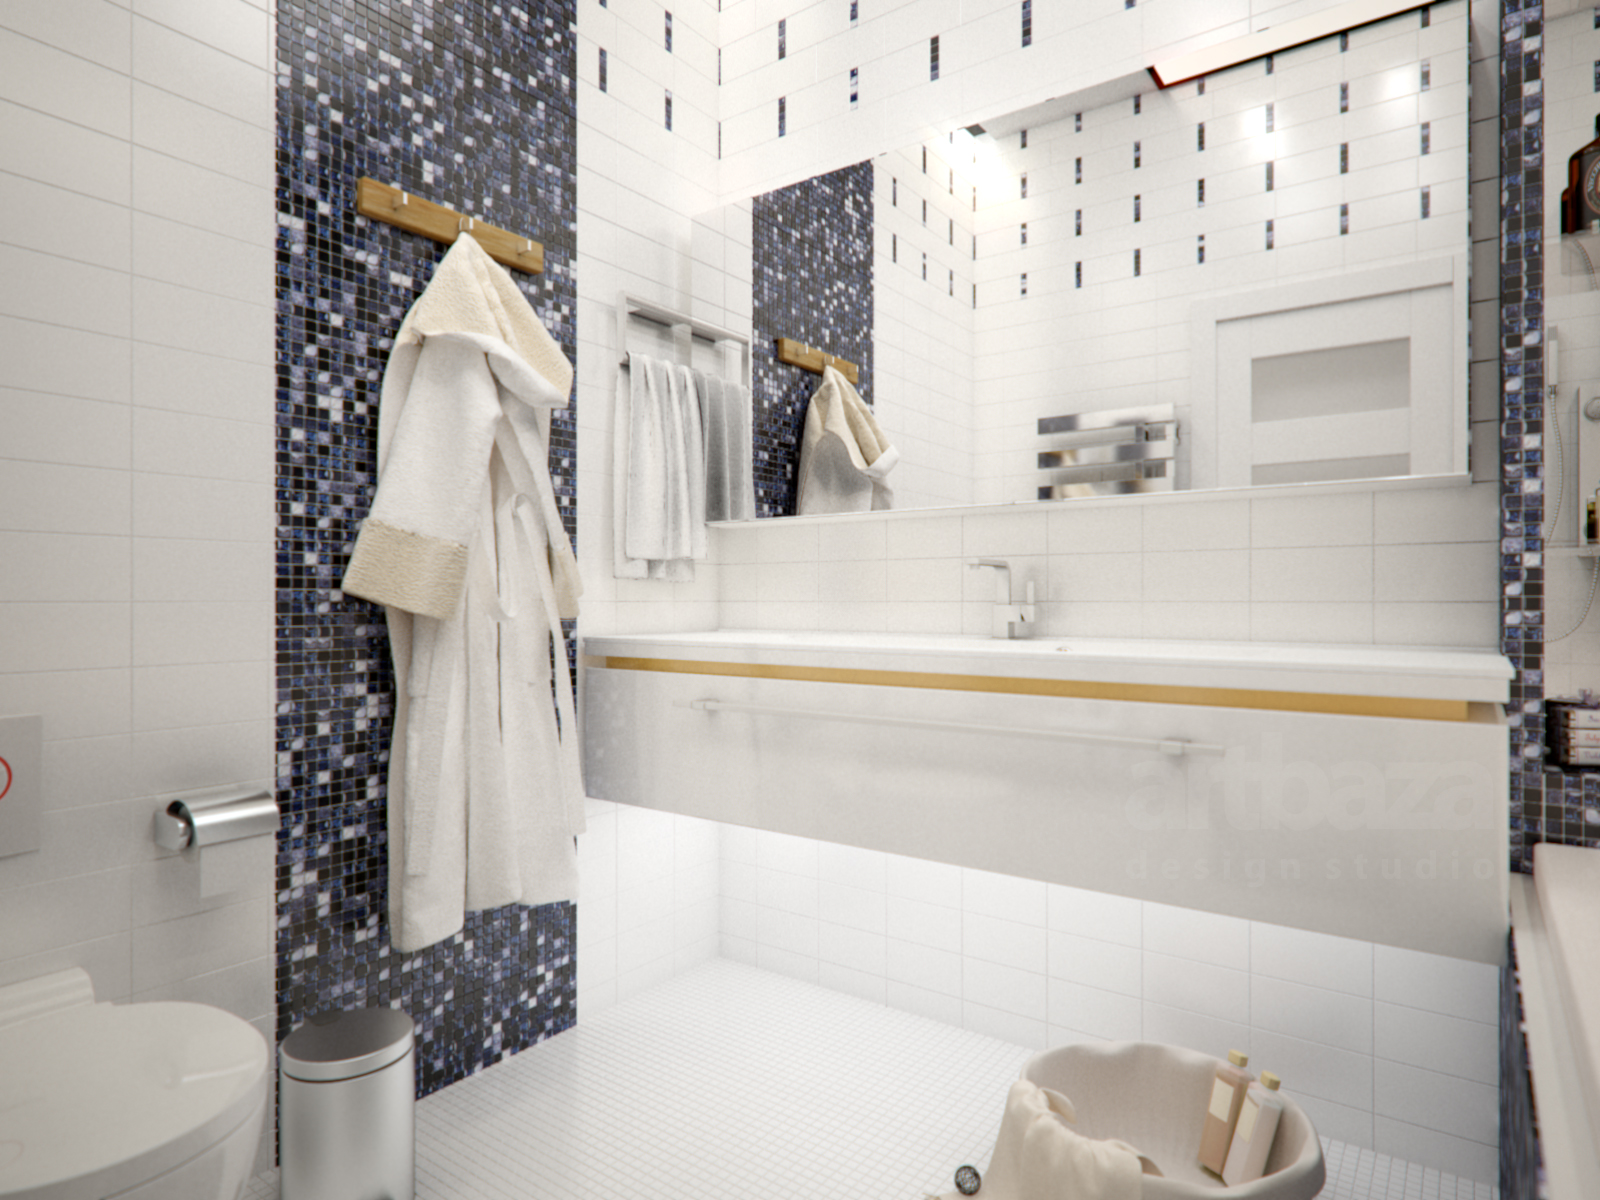 Дизайн ванной комнаты в морском стиле с мозаикой фабрики Dune